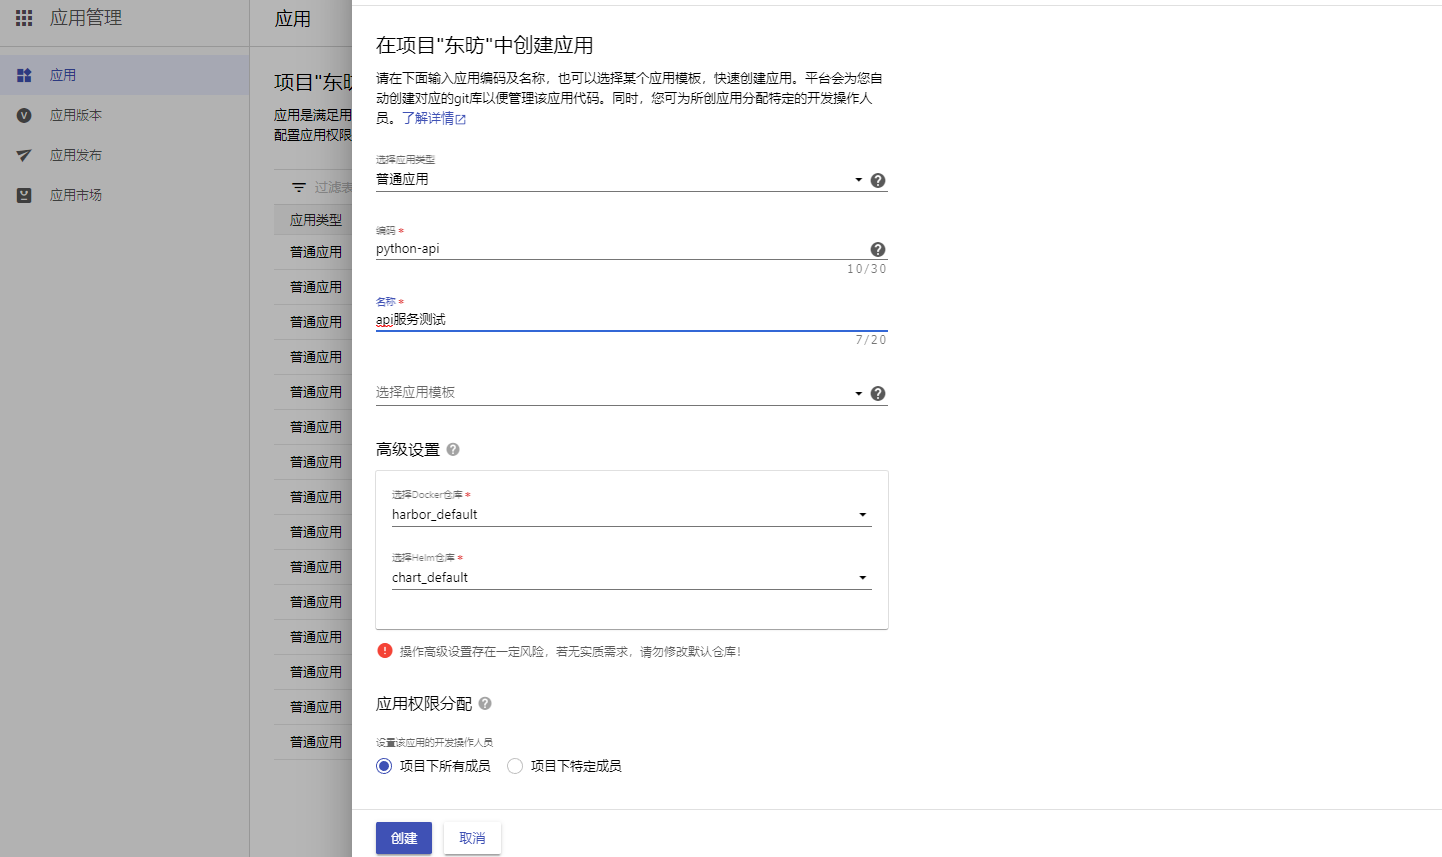 应用管理页面点击仓库地址,跳转到gitlab提示422 - User Guide